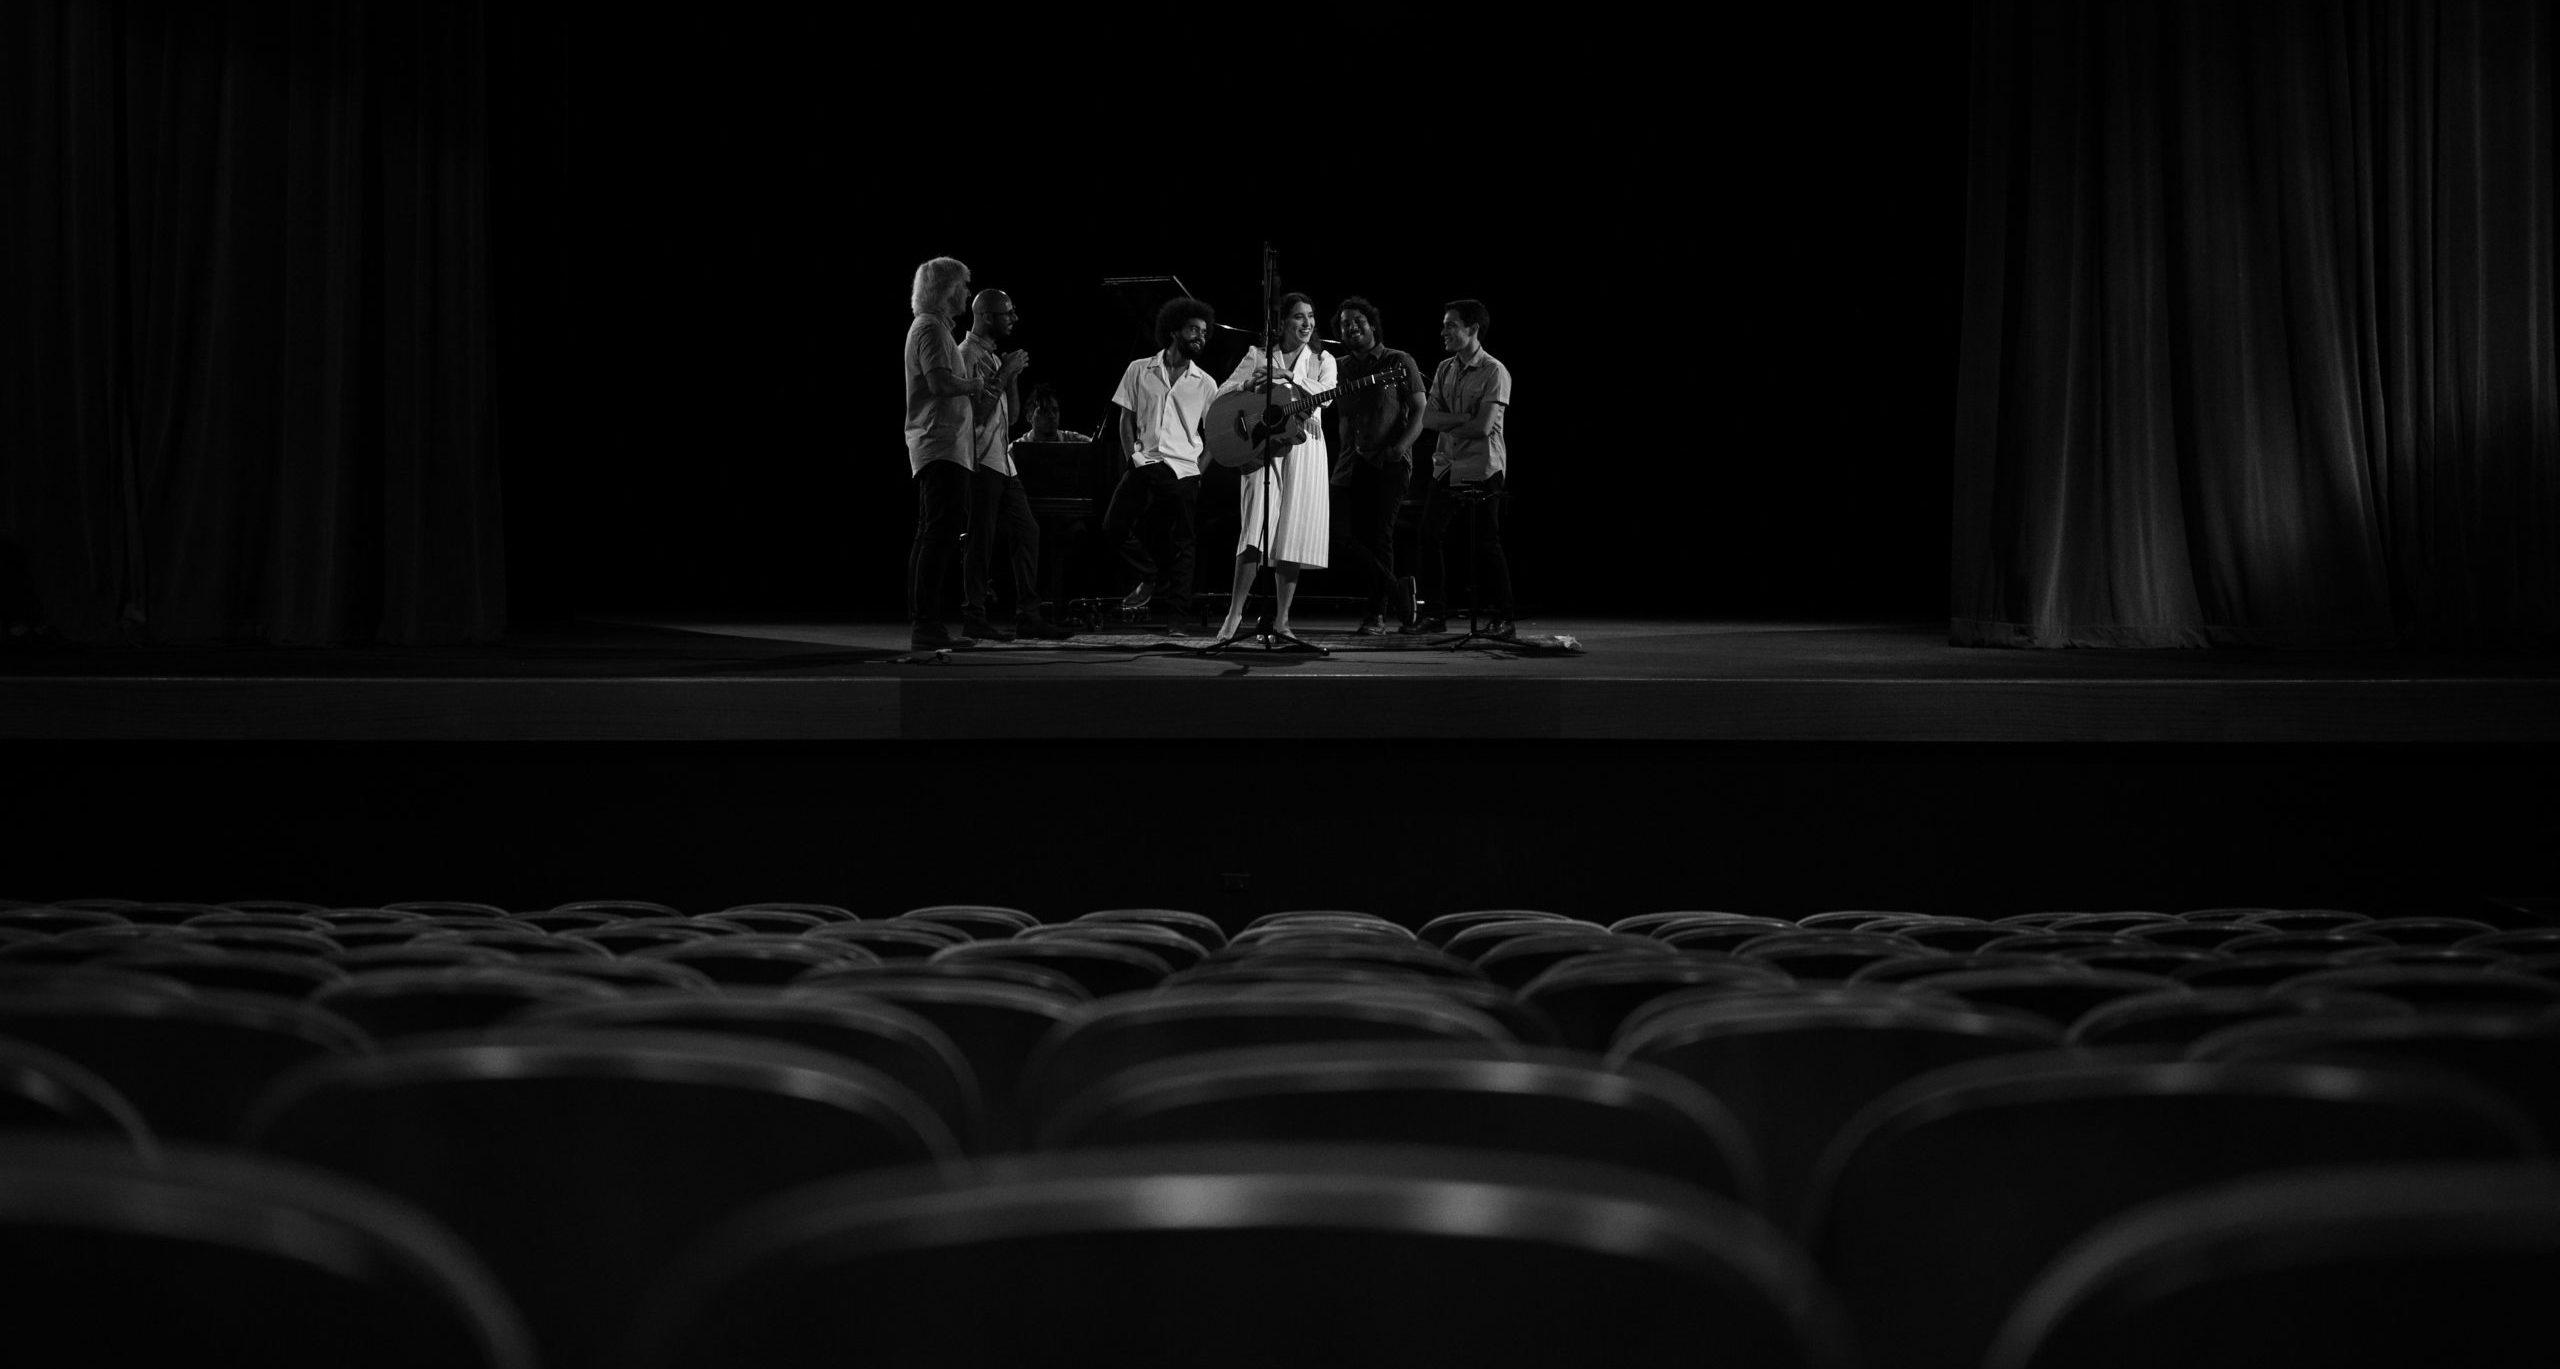 El vídeo de Andrea Cruz fue filmado en el Teatro Francisco Arriví. (Suministrada)